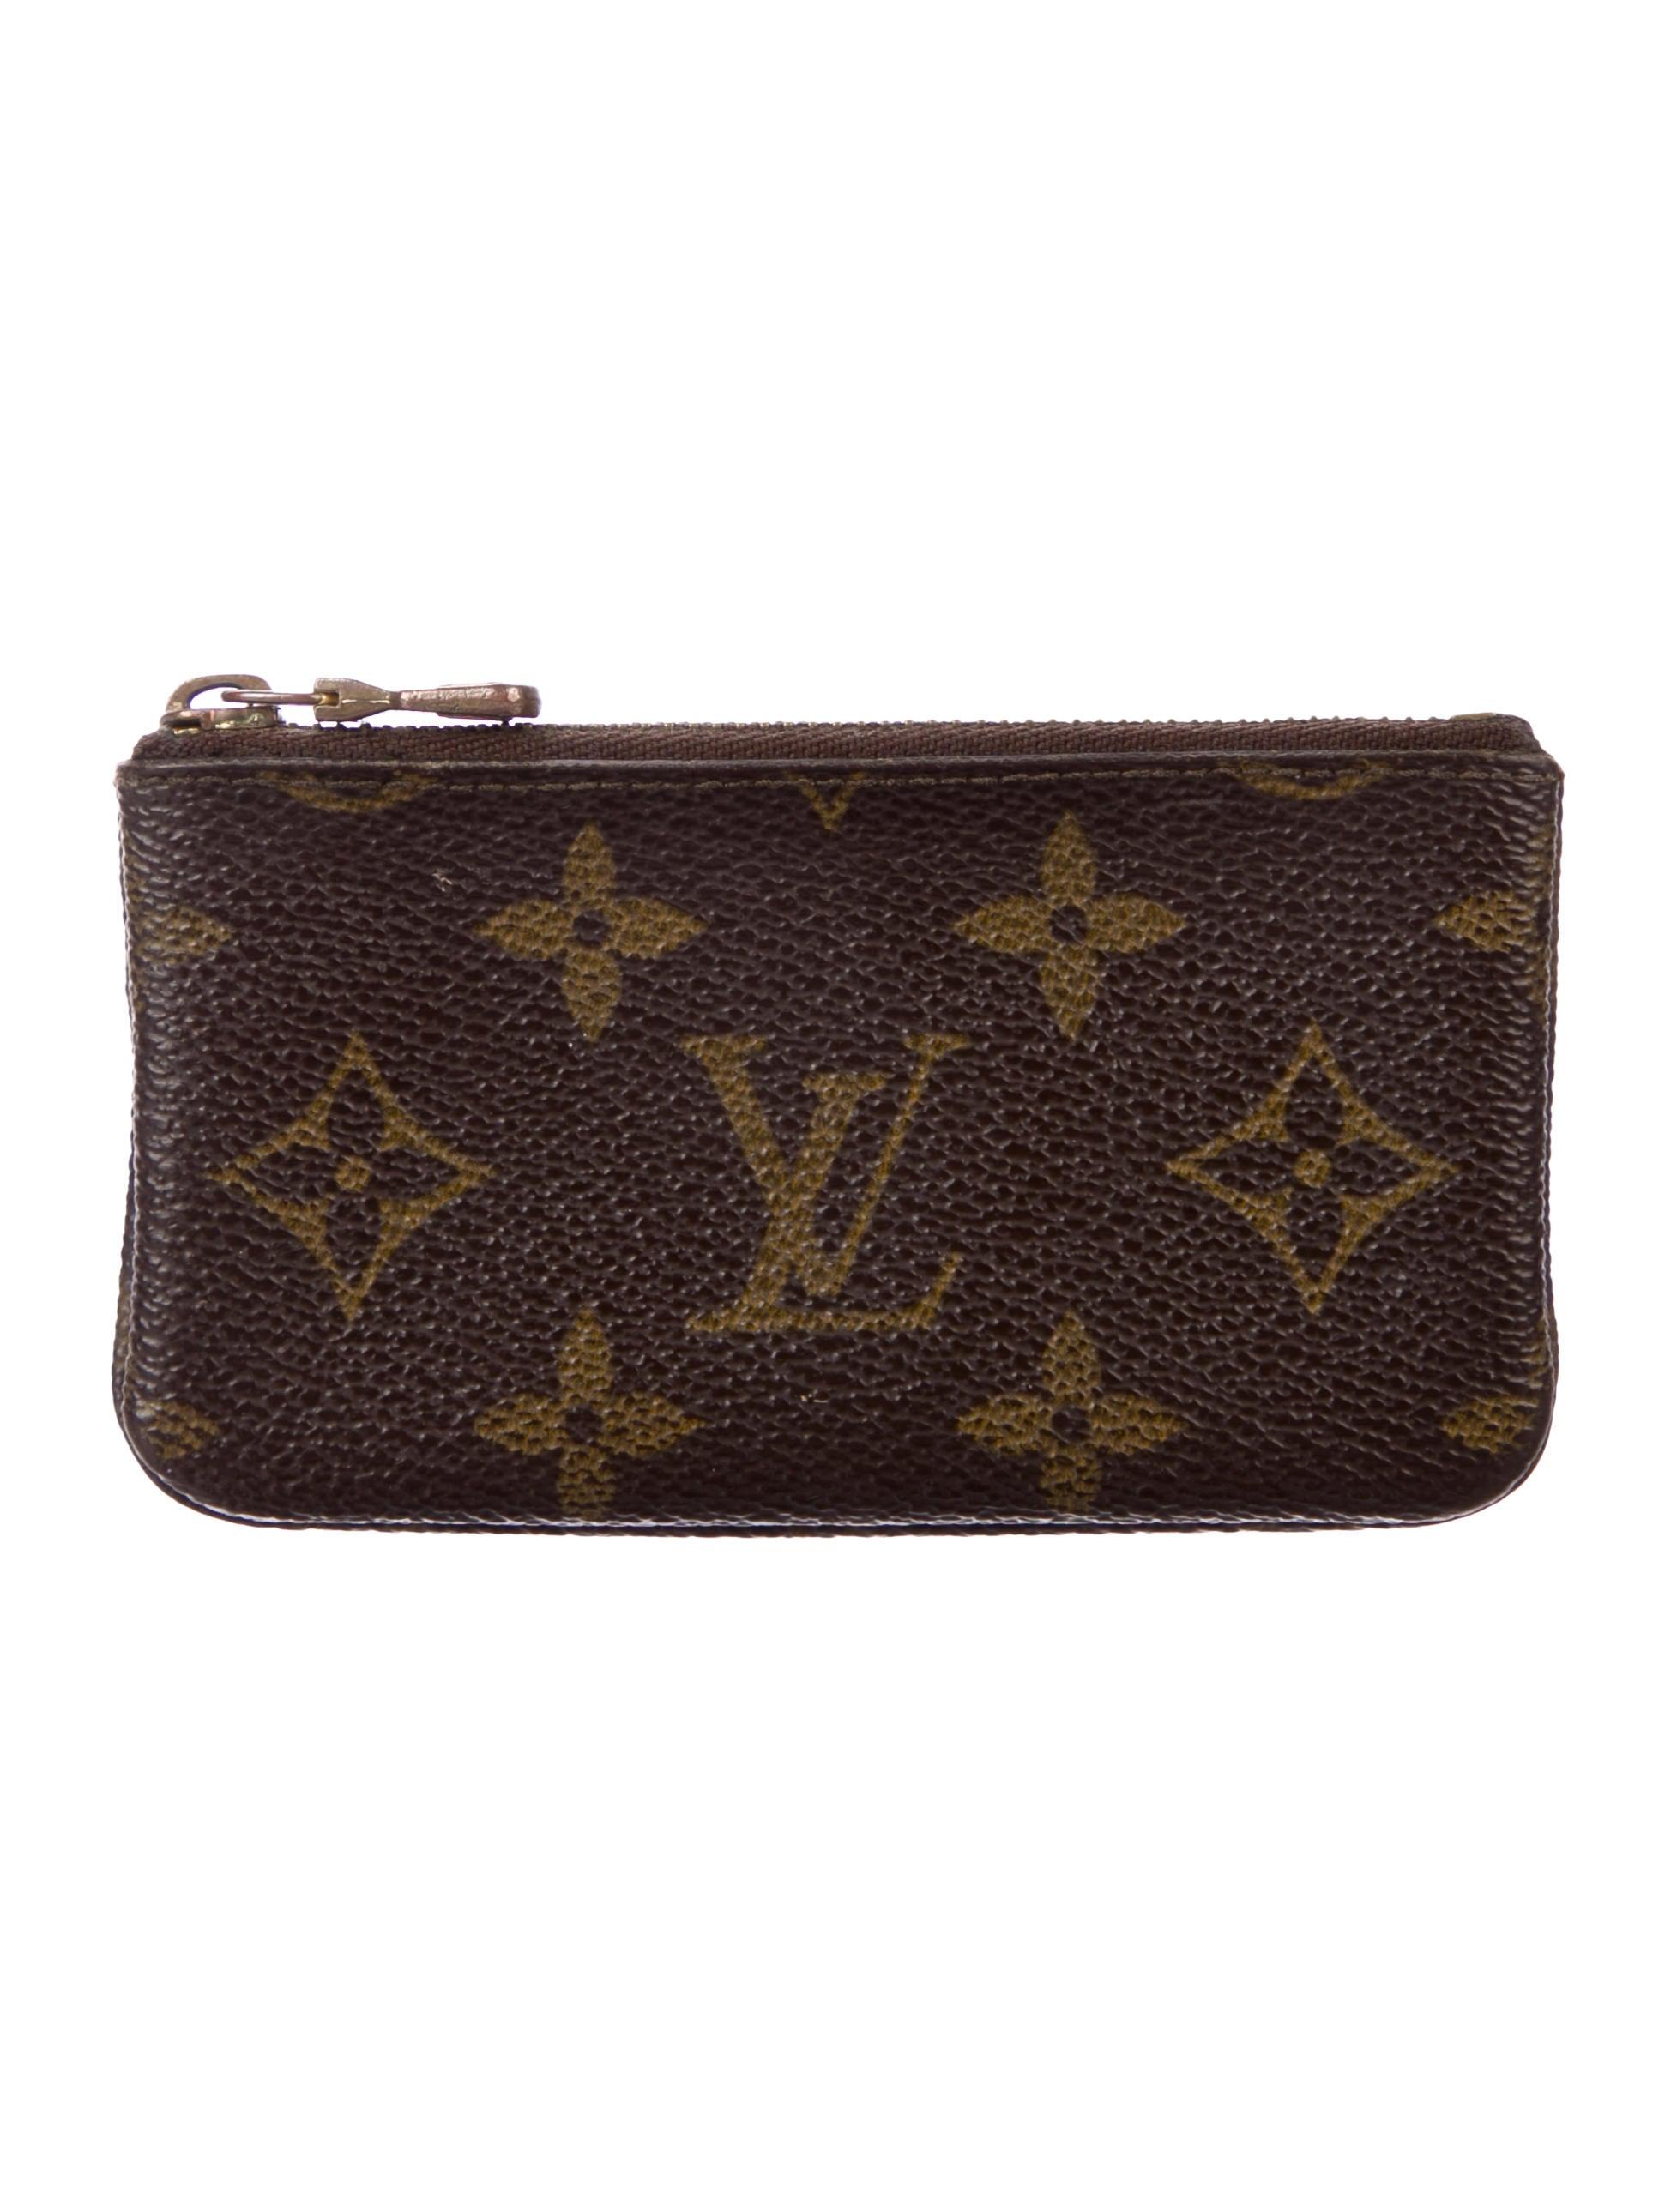 70398355975 Louis Vuitton Monogram Key Pouch - Accessories - LOU220204